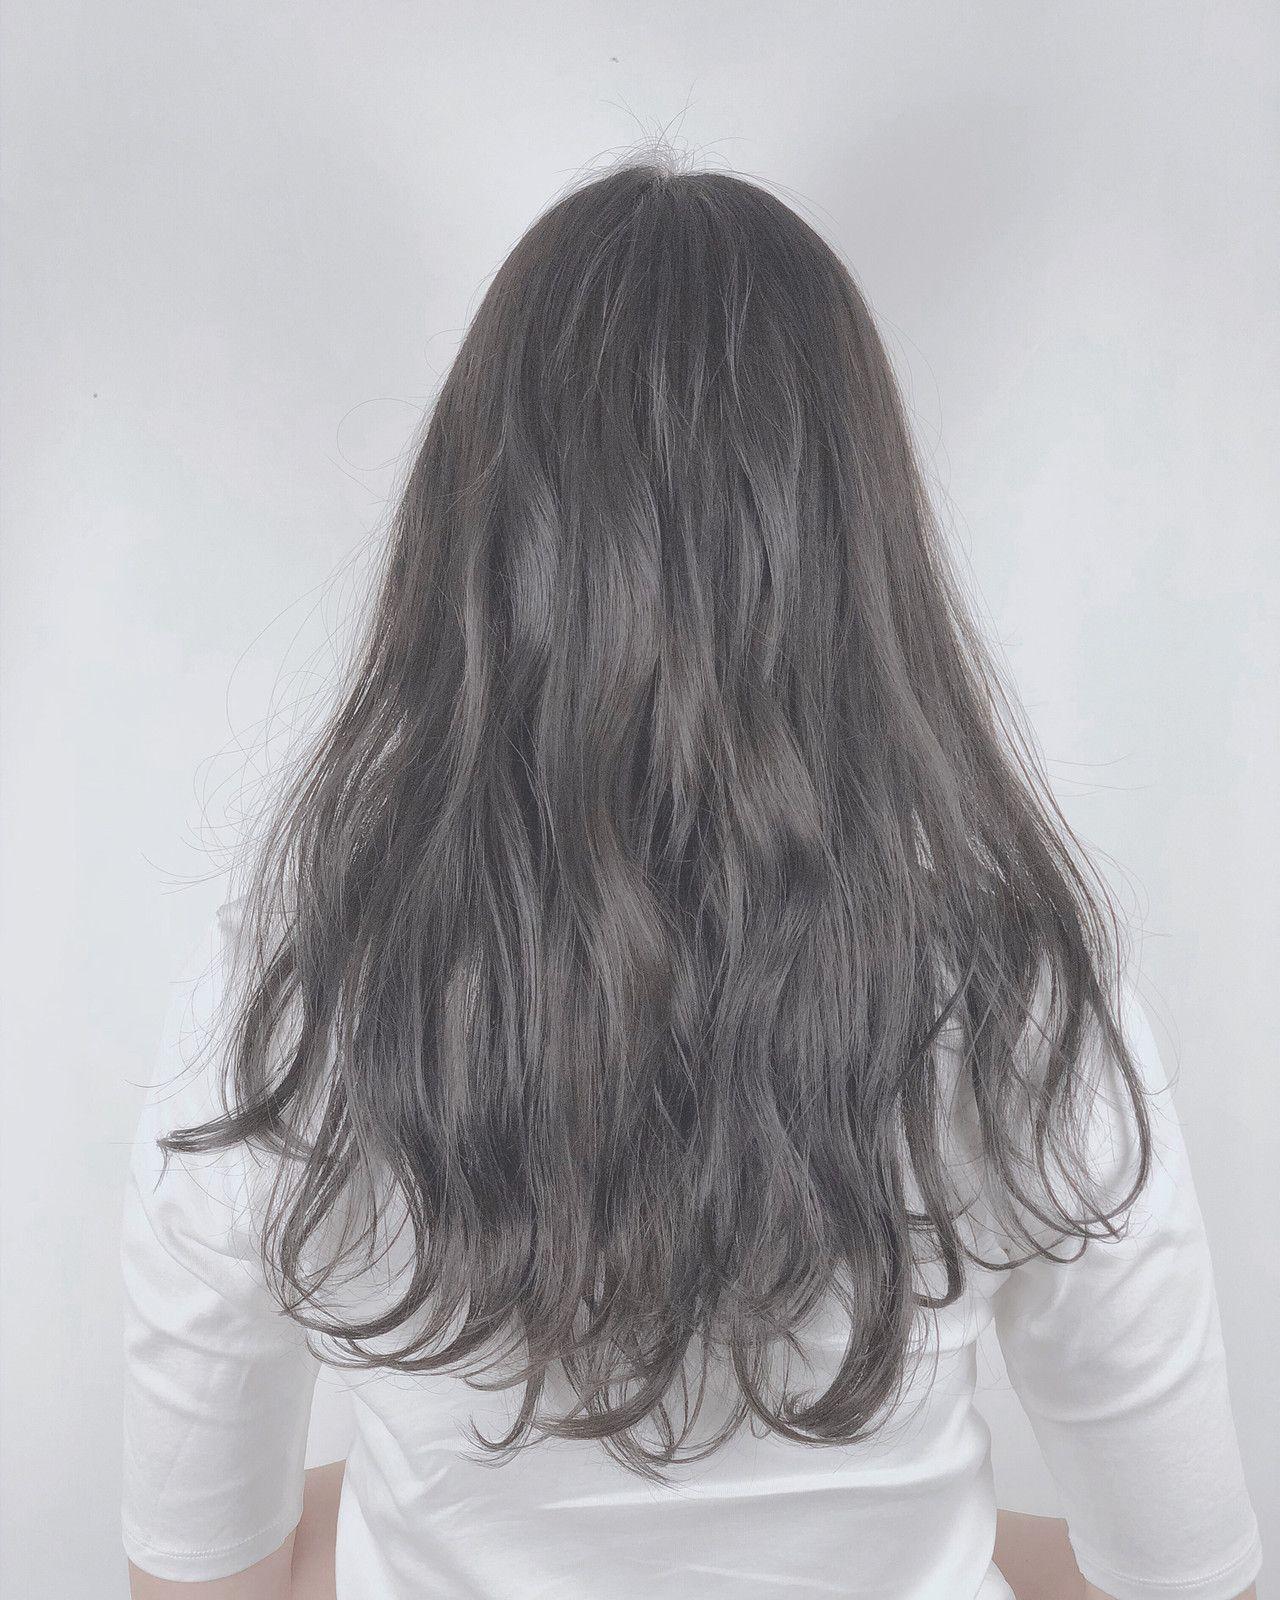 暗髪こそ透明感を ブリーチなしでも透明感が出せるシルバー